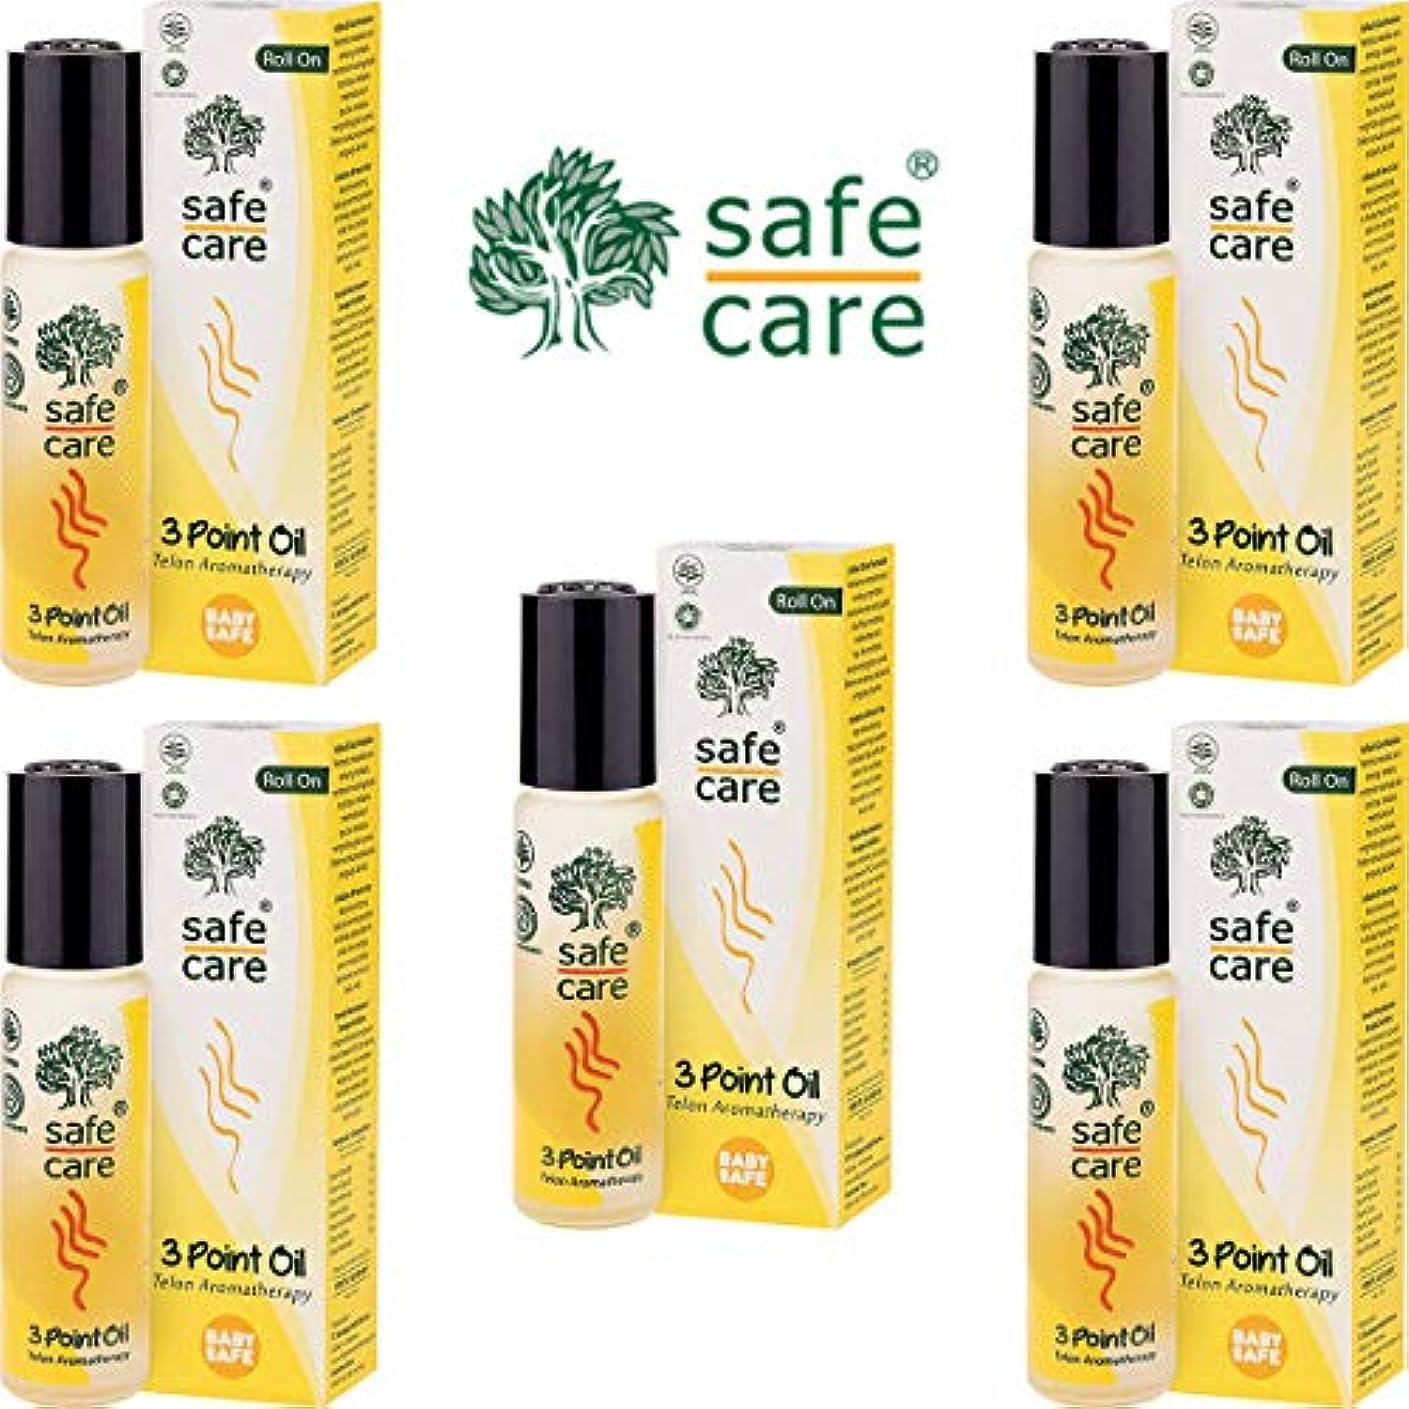 不満精巧な月曜Safe Care セーフケア Aromatherapy Telon 3Point Oil アロマテラピー リフレッシュオイル テロン3ポイントオイル ロールオン 10ml×5本セット [海外直送品]